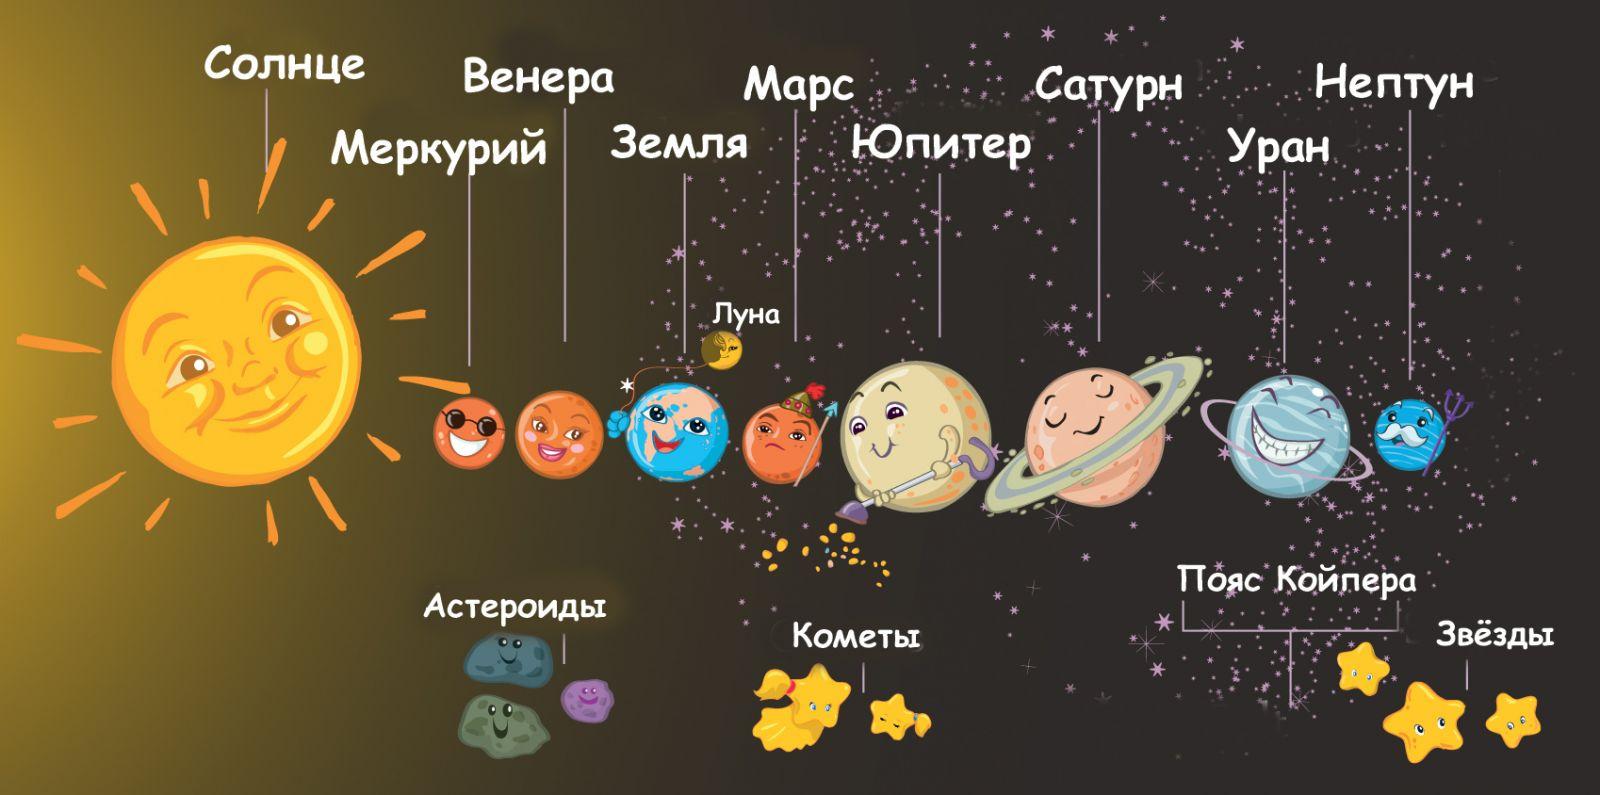 планеты солнечной системы картинки с названиями